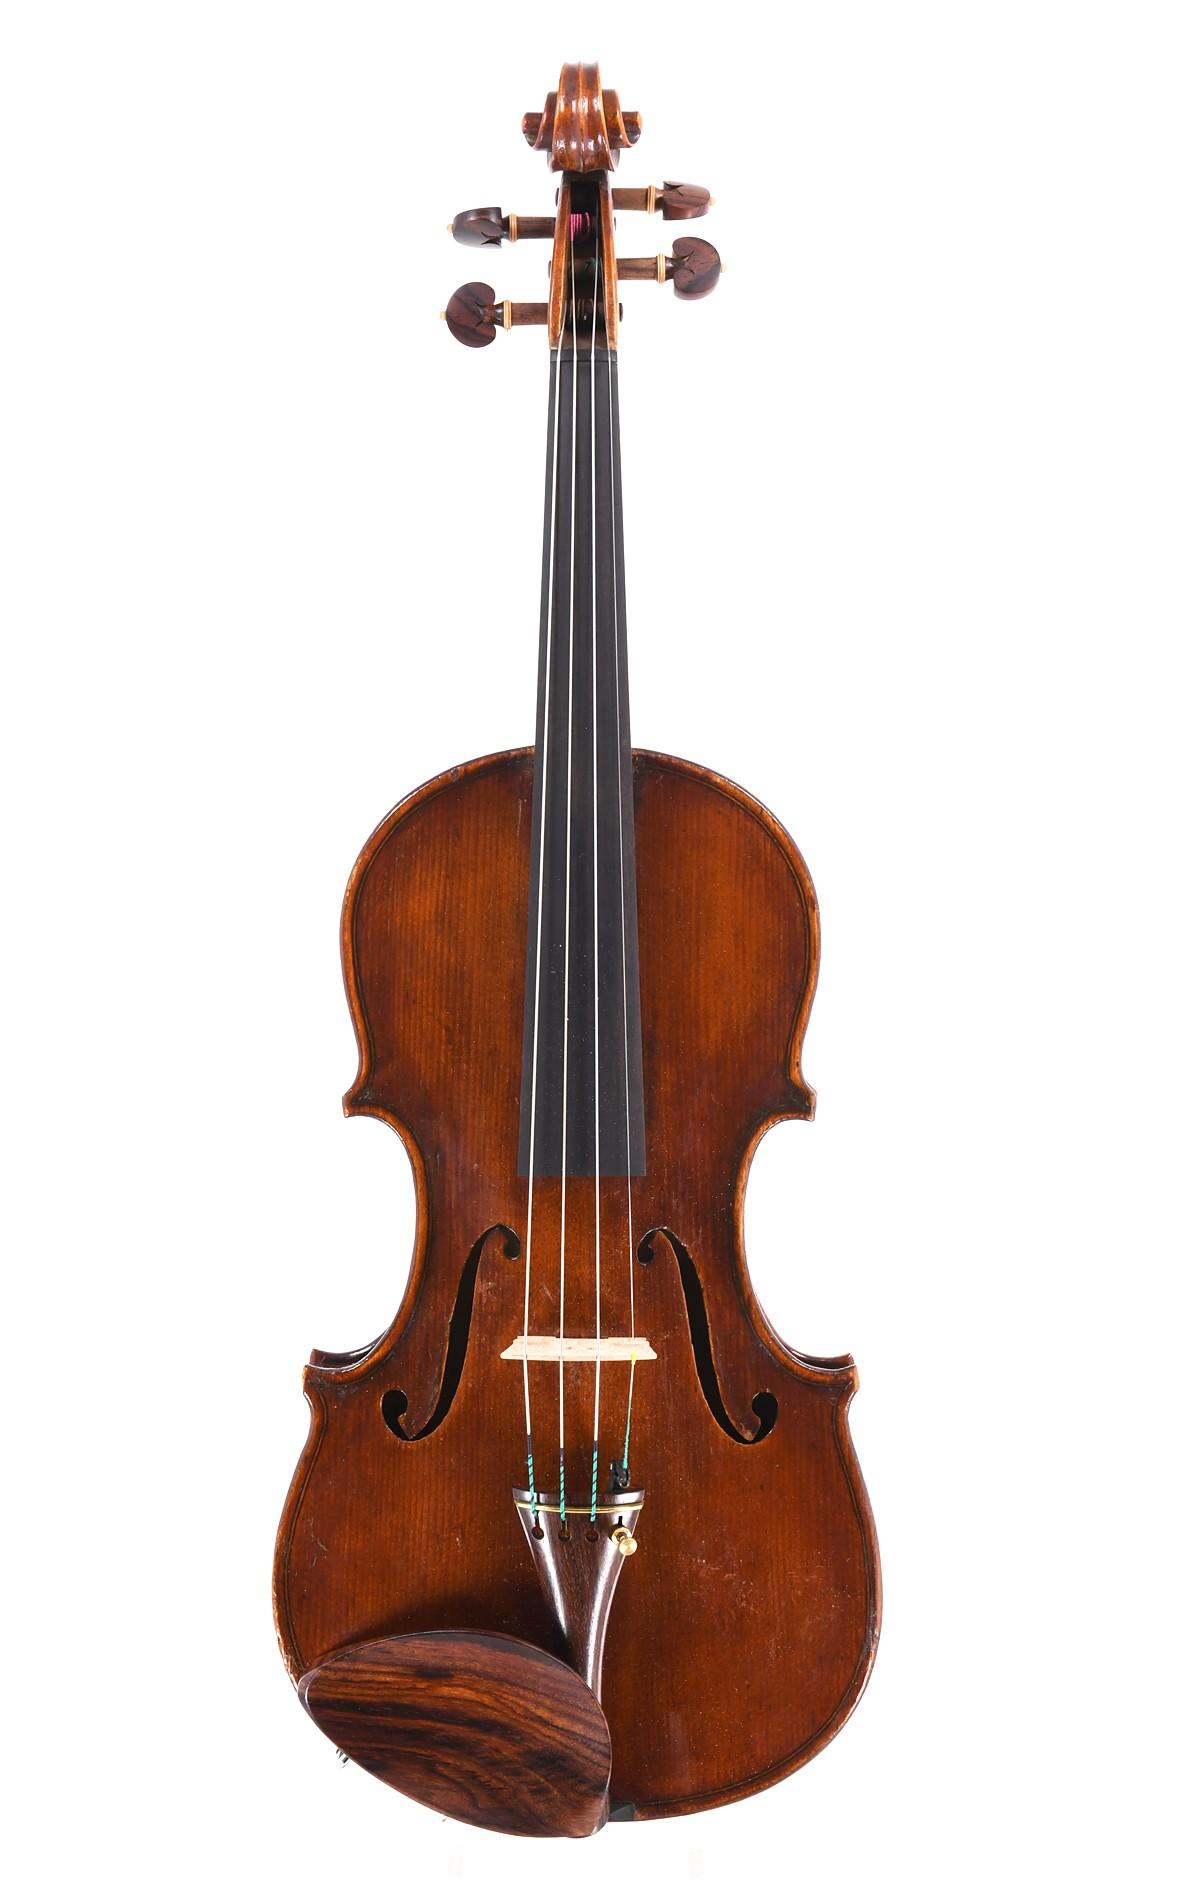 Raffaelo Bozzi at Antonio Monzino: Italian violin